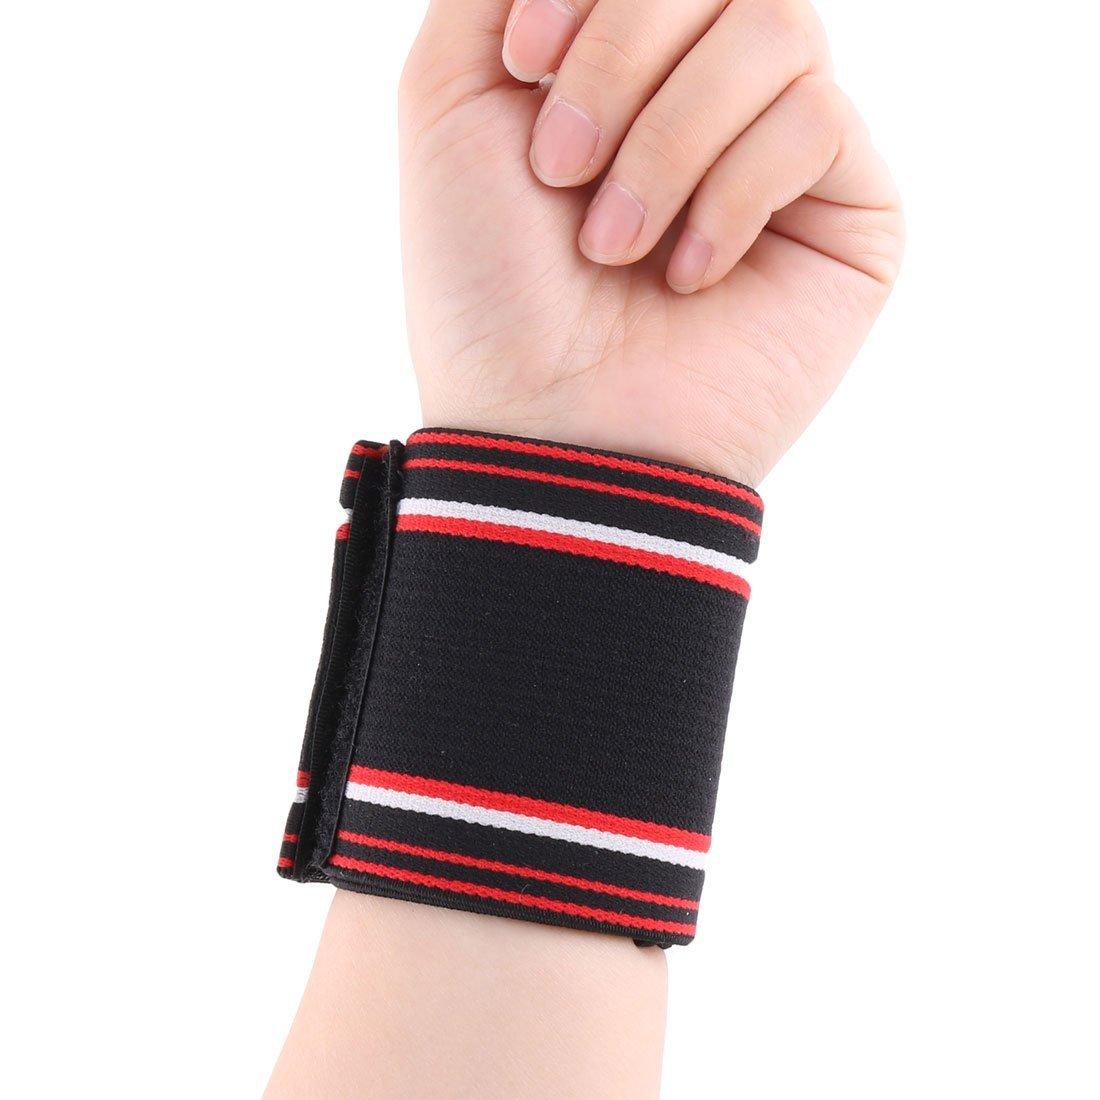 Amazon.com: eDealMax Spandex Unisex elásticas Rayas Deportes Pretector Banda reloj de Apoyo 2pcs Negro: Health & Personal Care